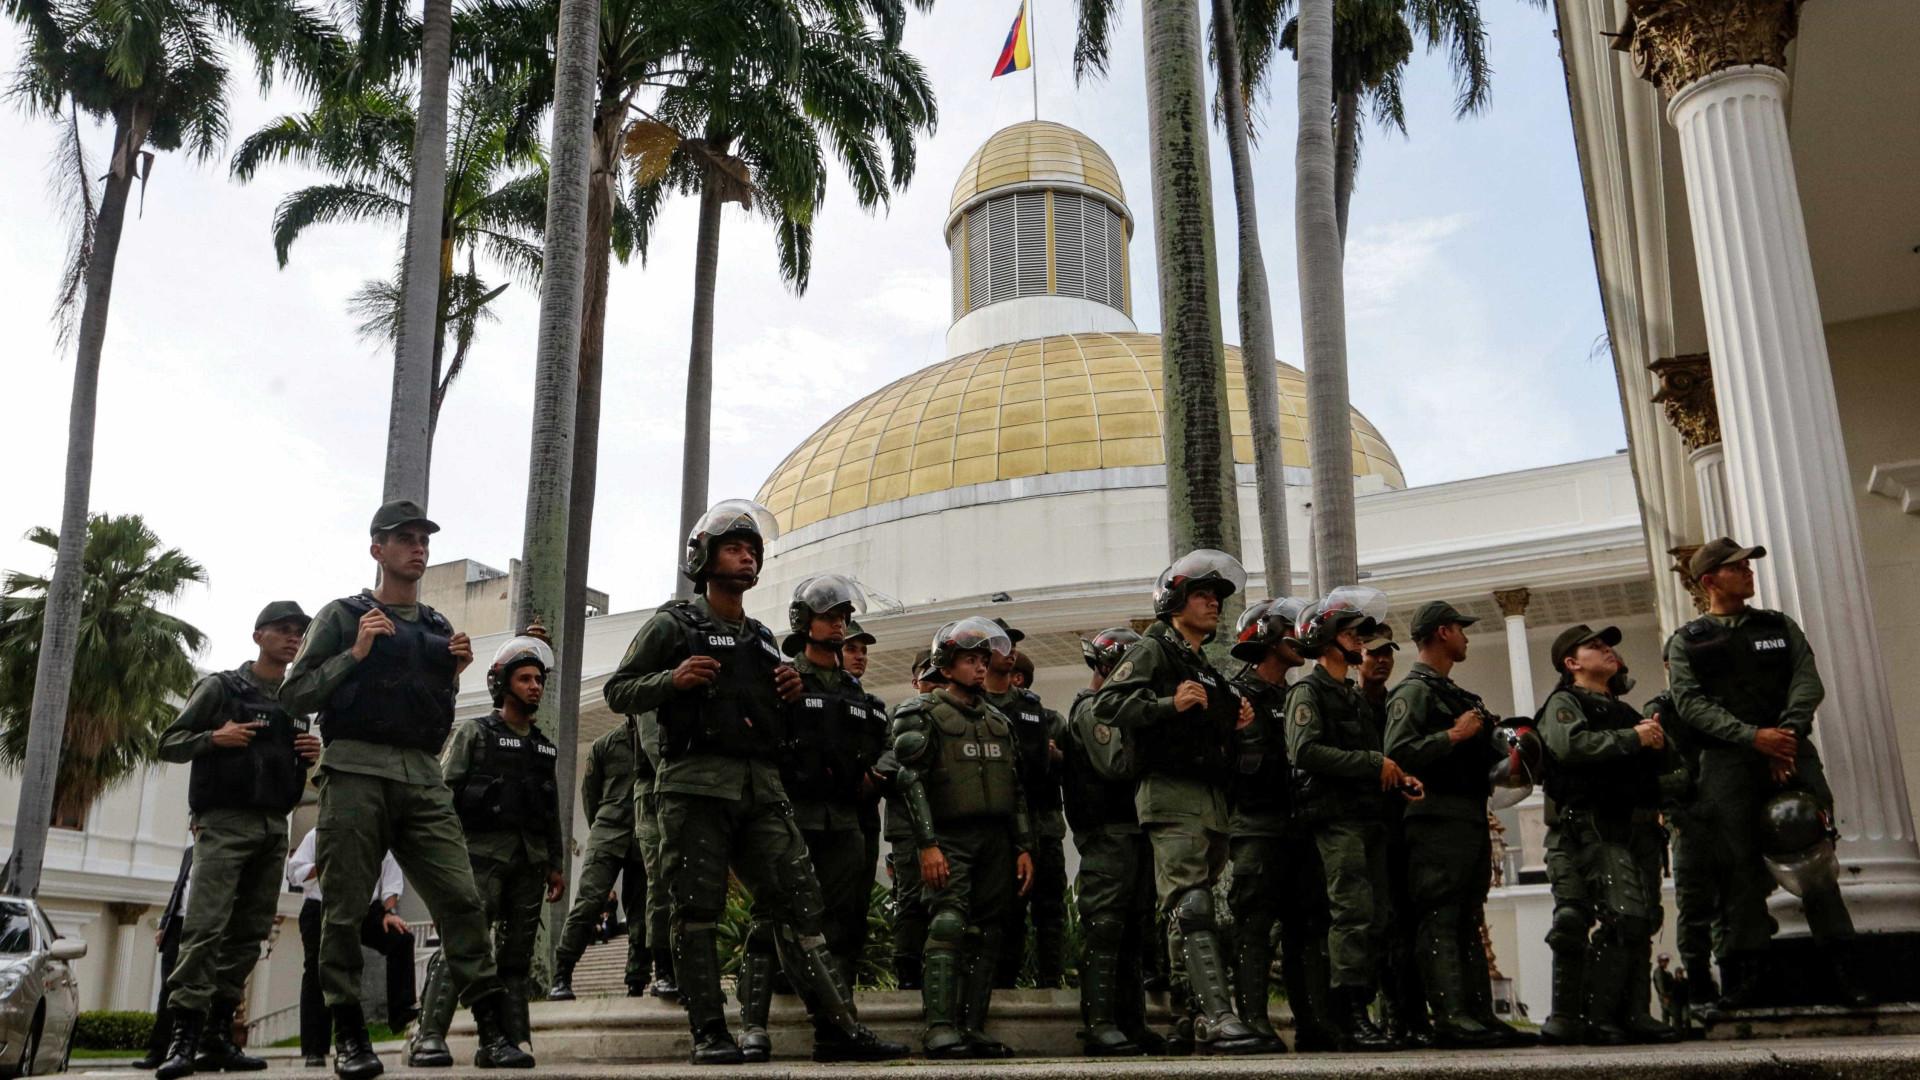 ATUALIZADA - Oposição convoca plebiscito contra Maduro para dia 16, diz jornal